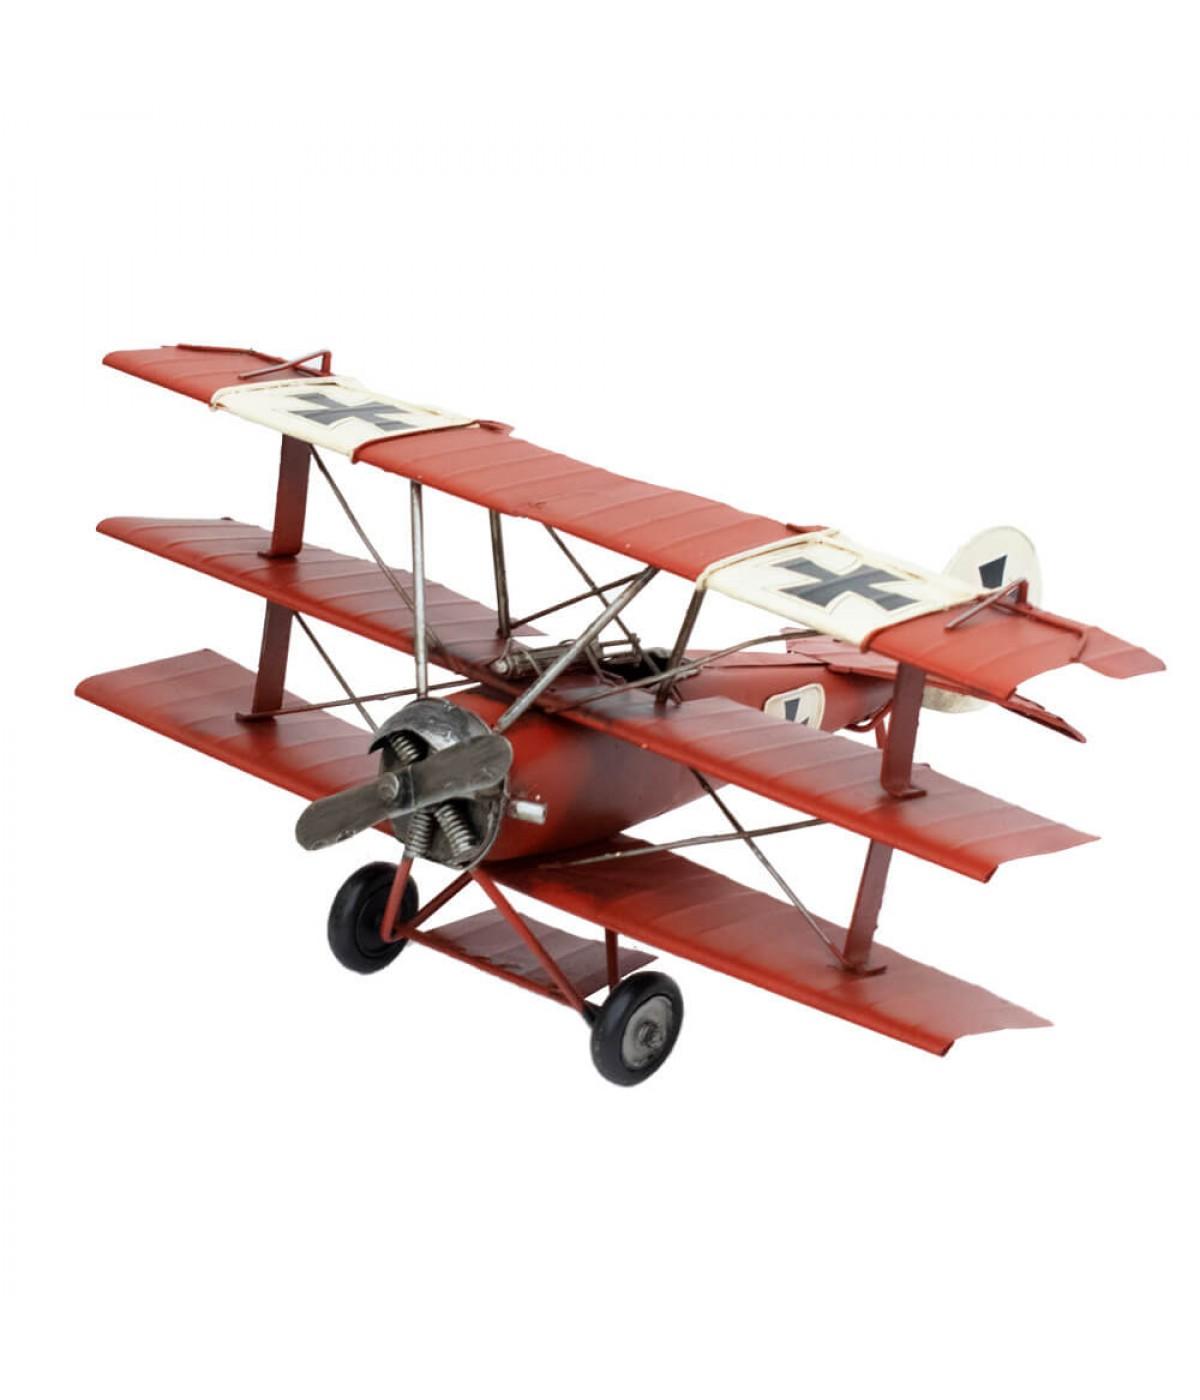 Avião Vermelho Asas Tripla Hélice 15.5x30.5x35cm Estilo Retrô - Vintage